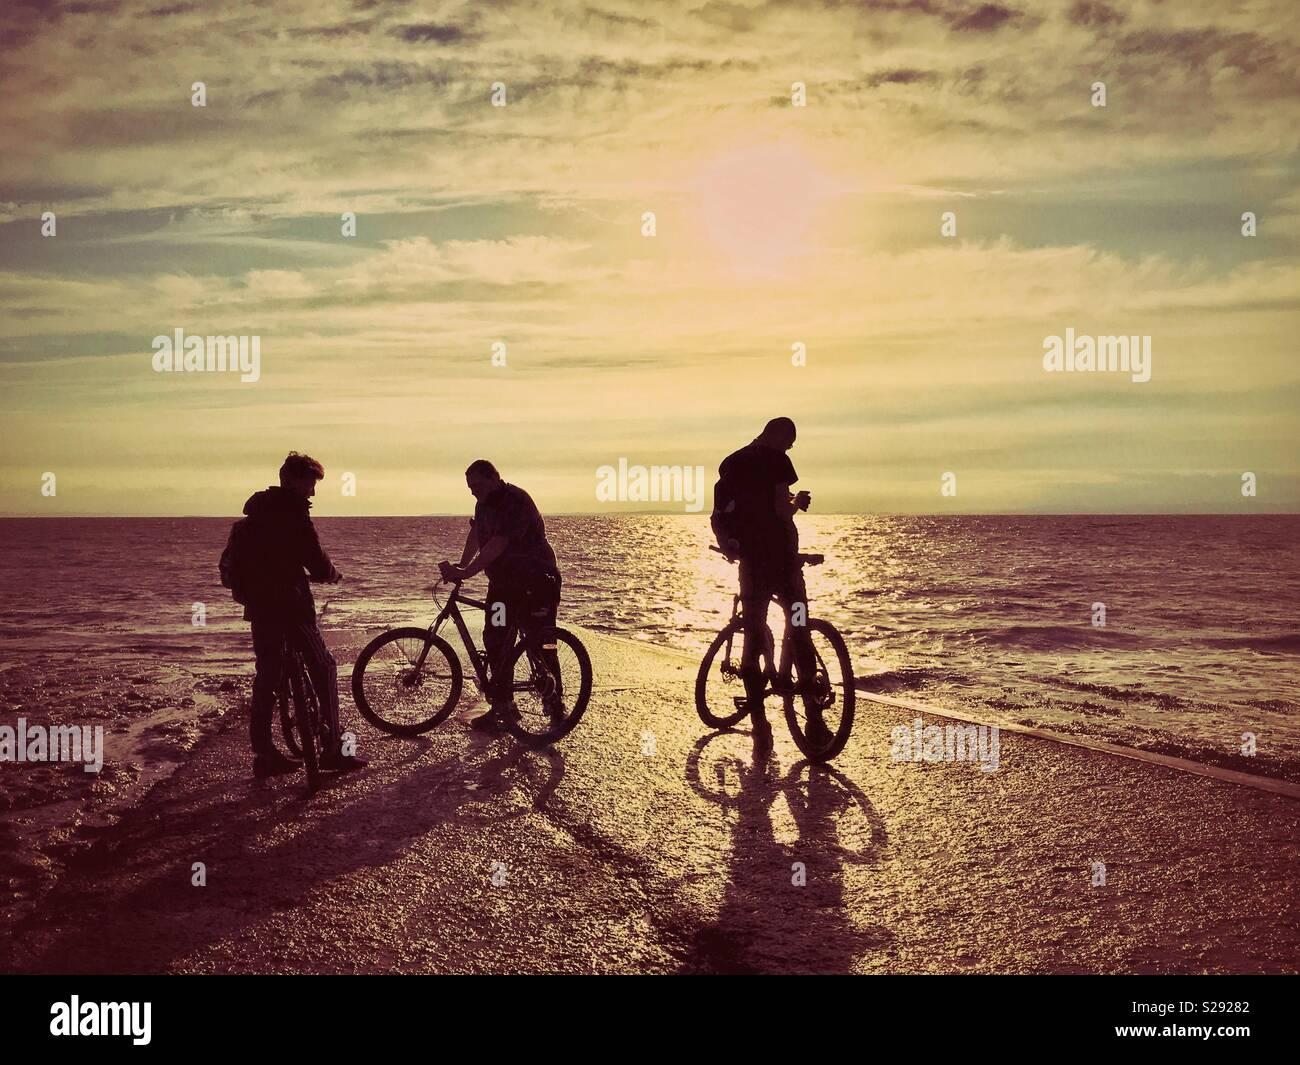 Die Silhouetten der drei männlichen Radfahrer Freunde, als sie in der Nähe der Kante auf das Meer bei Sonnenuntergang entspannen. Ein kreatives & stimmungsvolles Bild mit mehreren Verwendungsmöglichkeiten. Foto - © COLIN HOSKINS. Stockbild